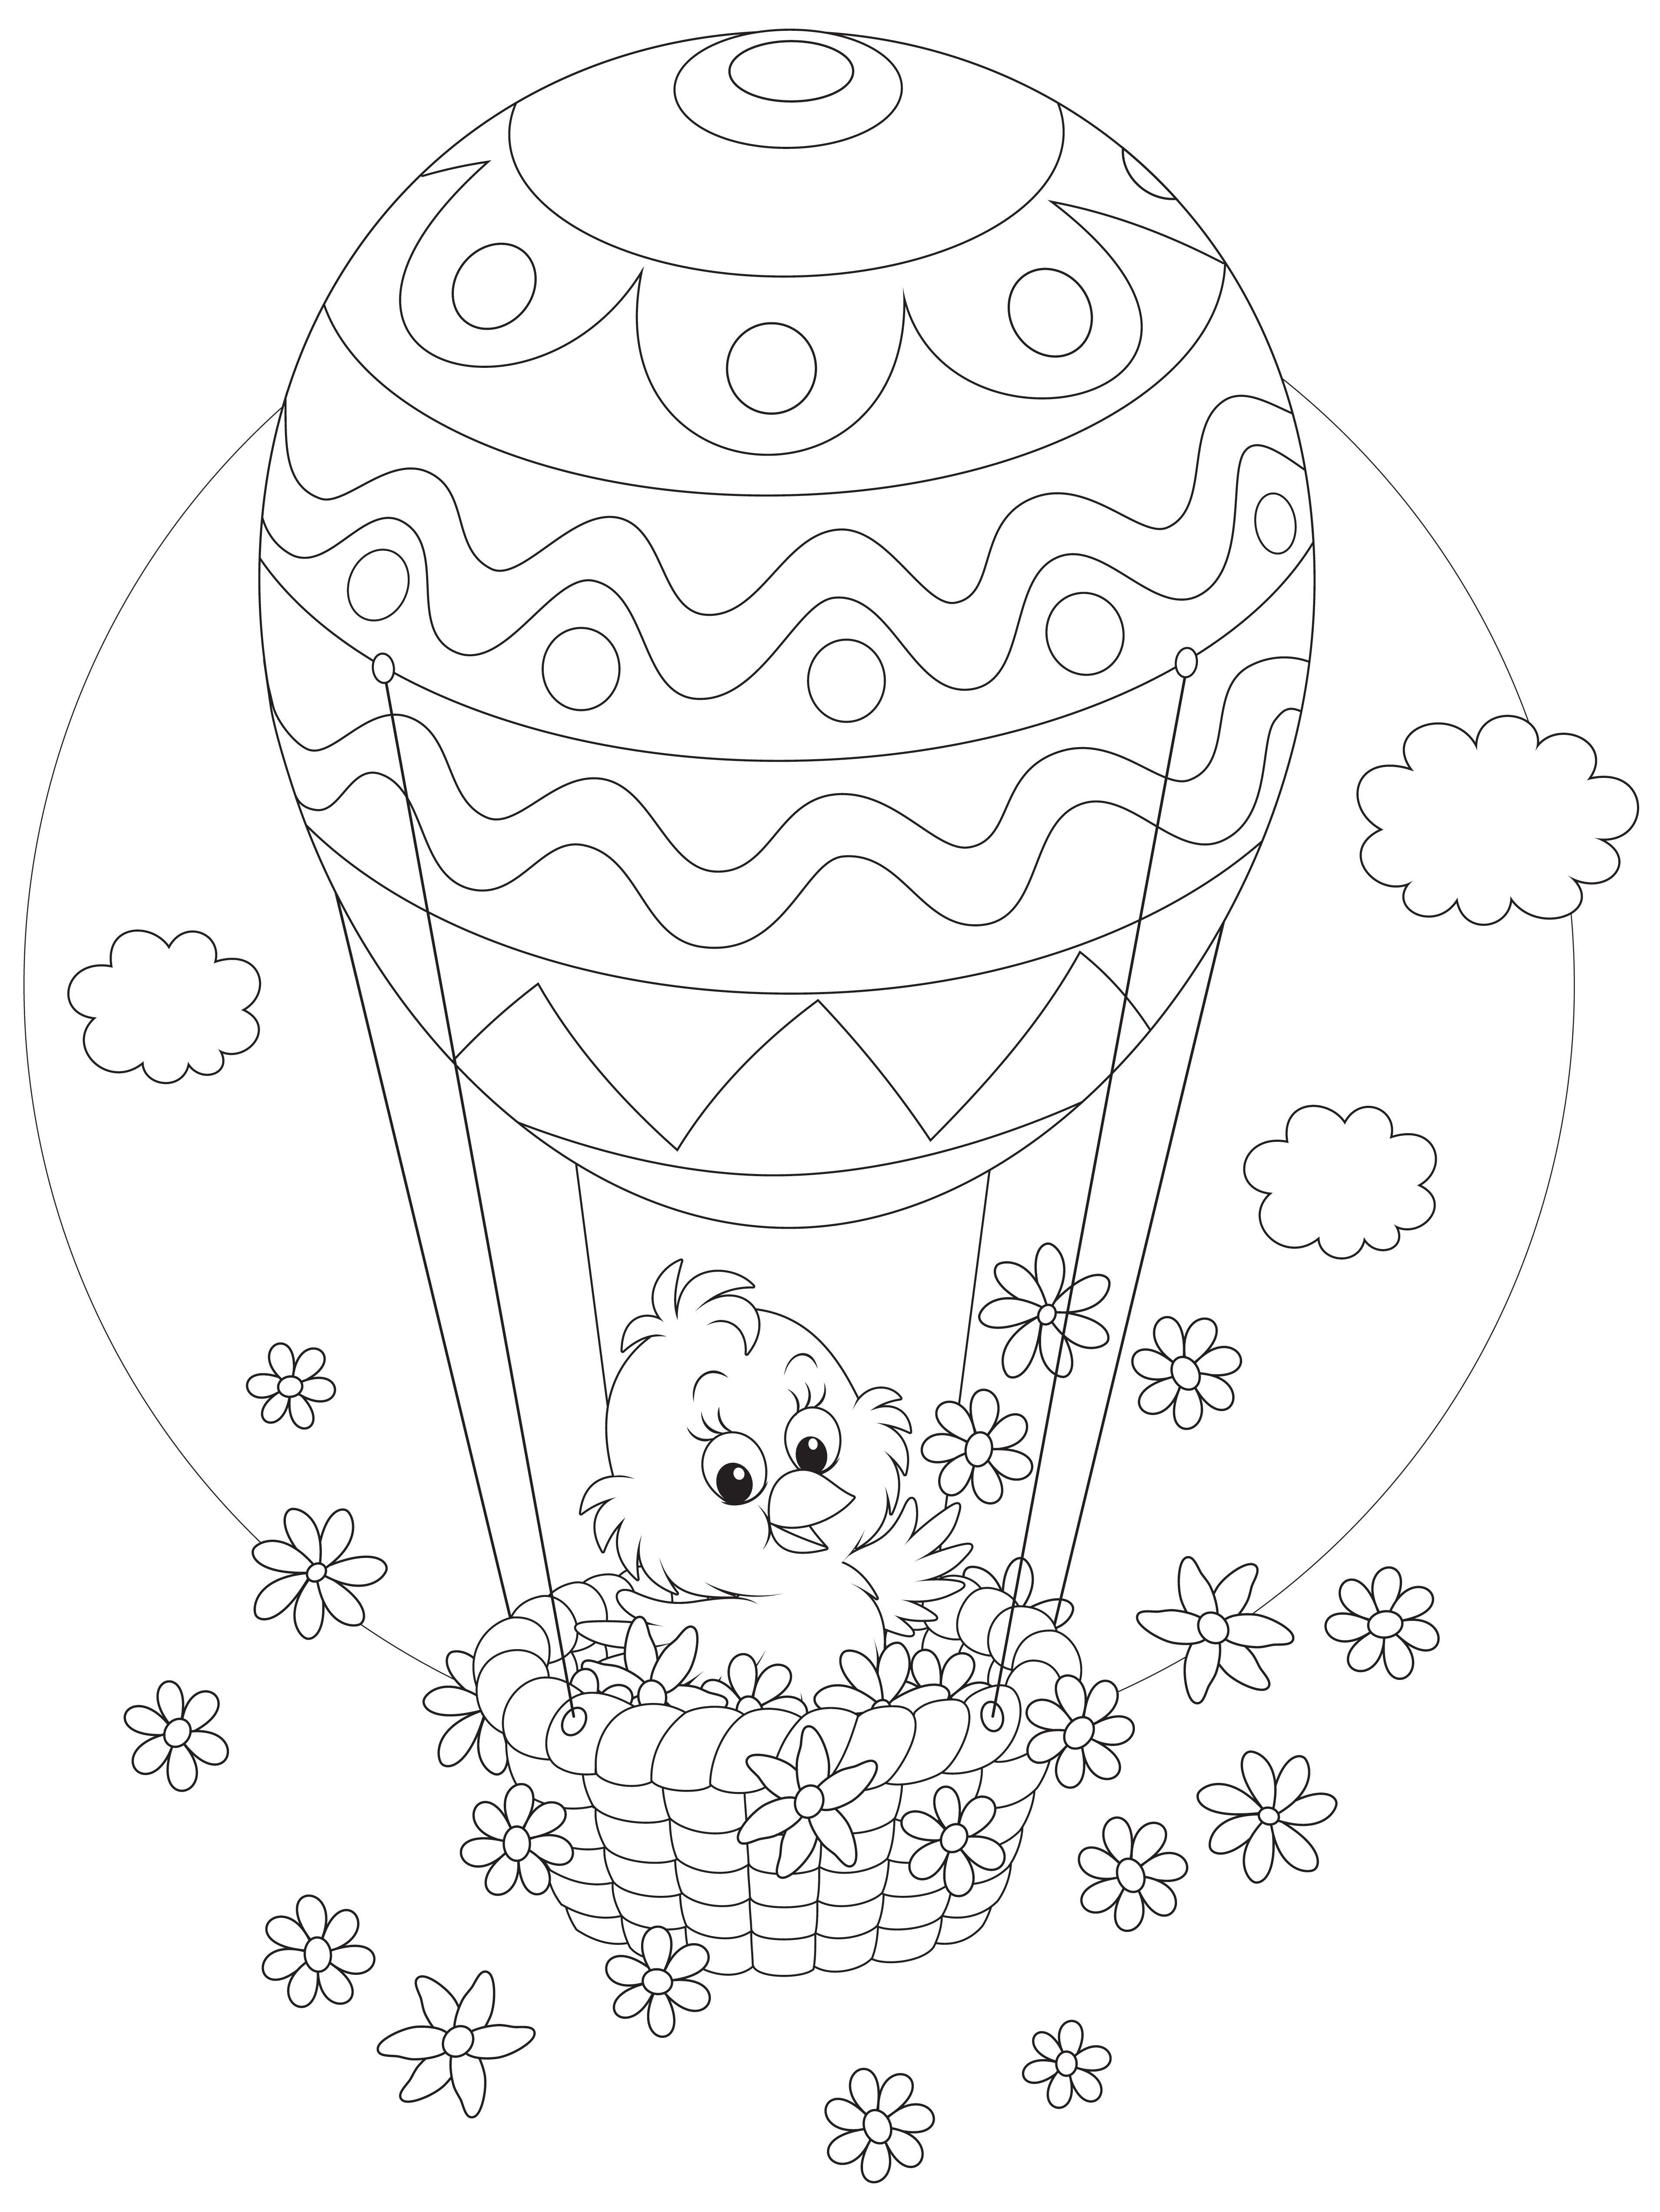 Gratis målarbild – påskkycklingen åker luftballong   Luftballong ...